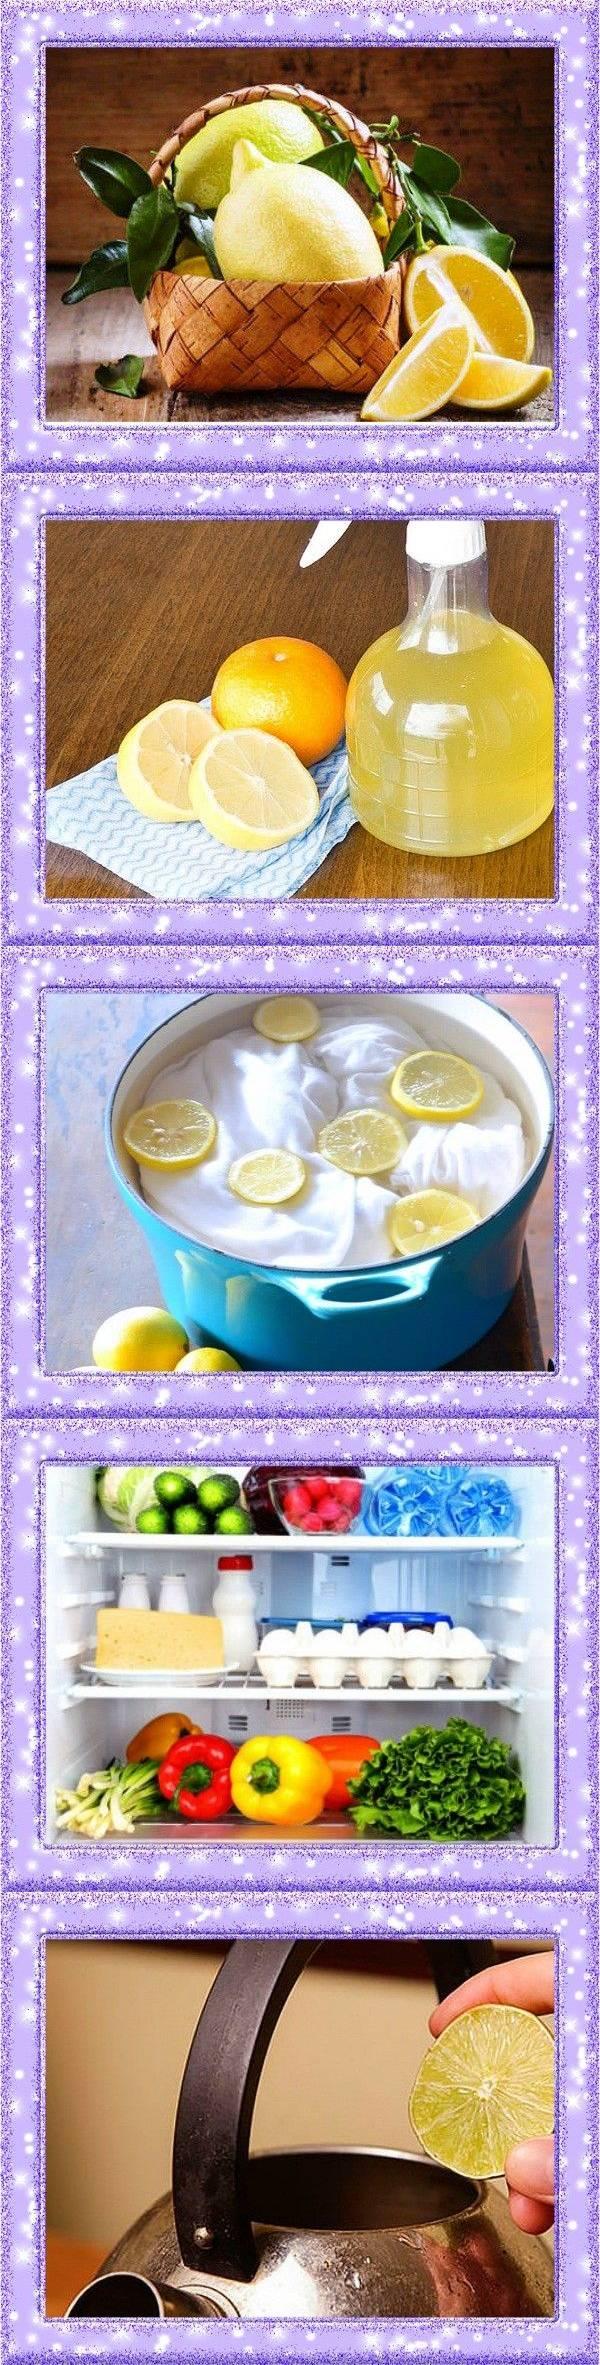 Применение лимонов в быту. 21 необычный вариант